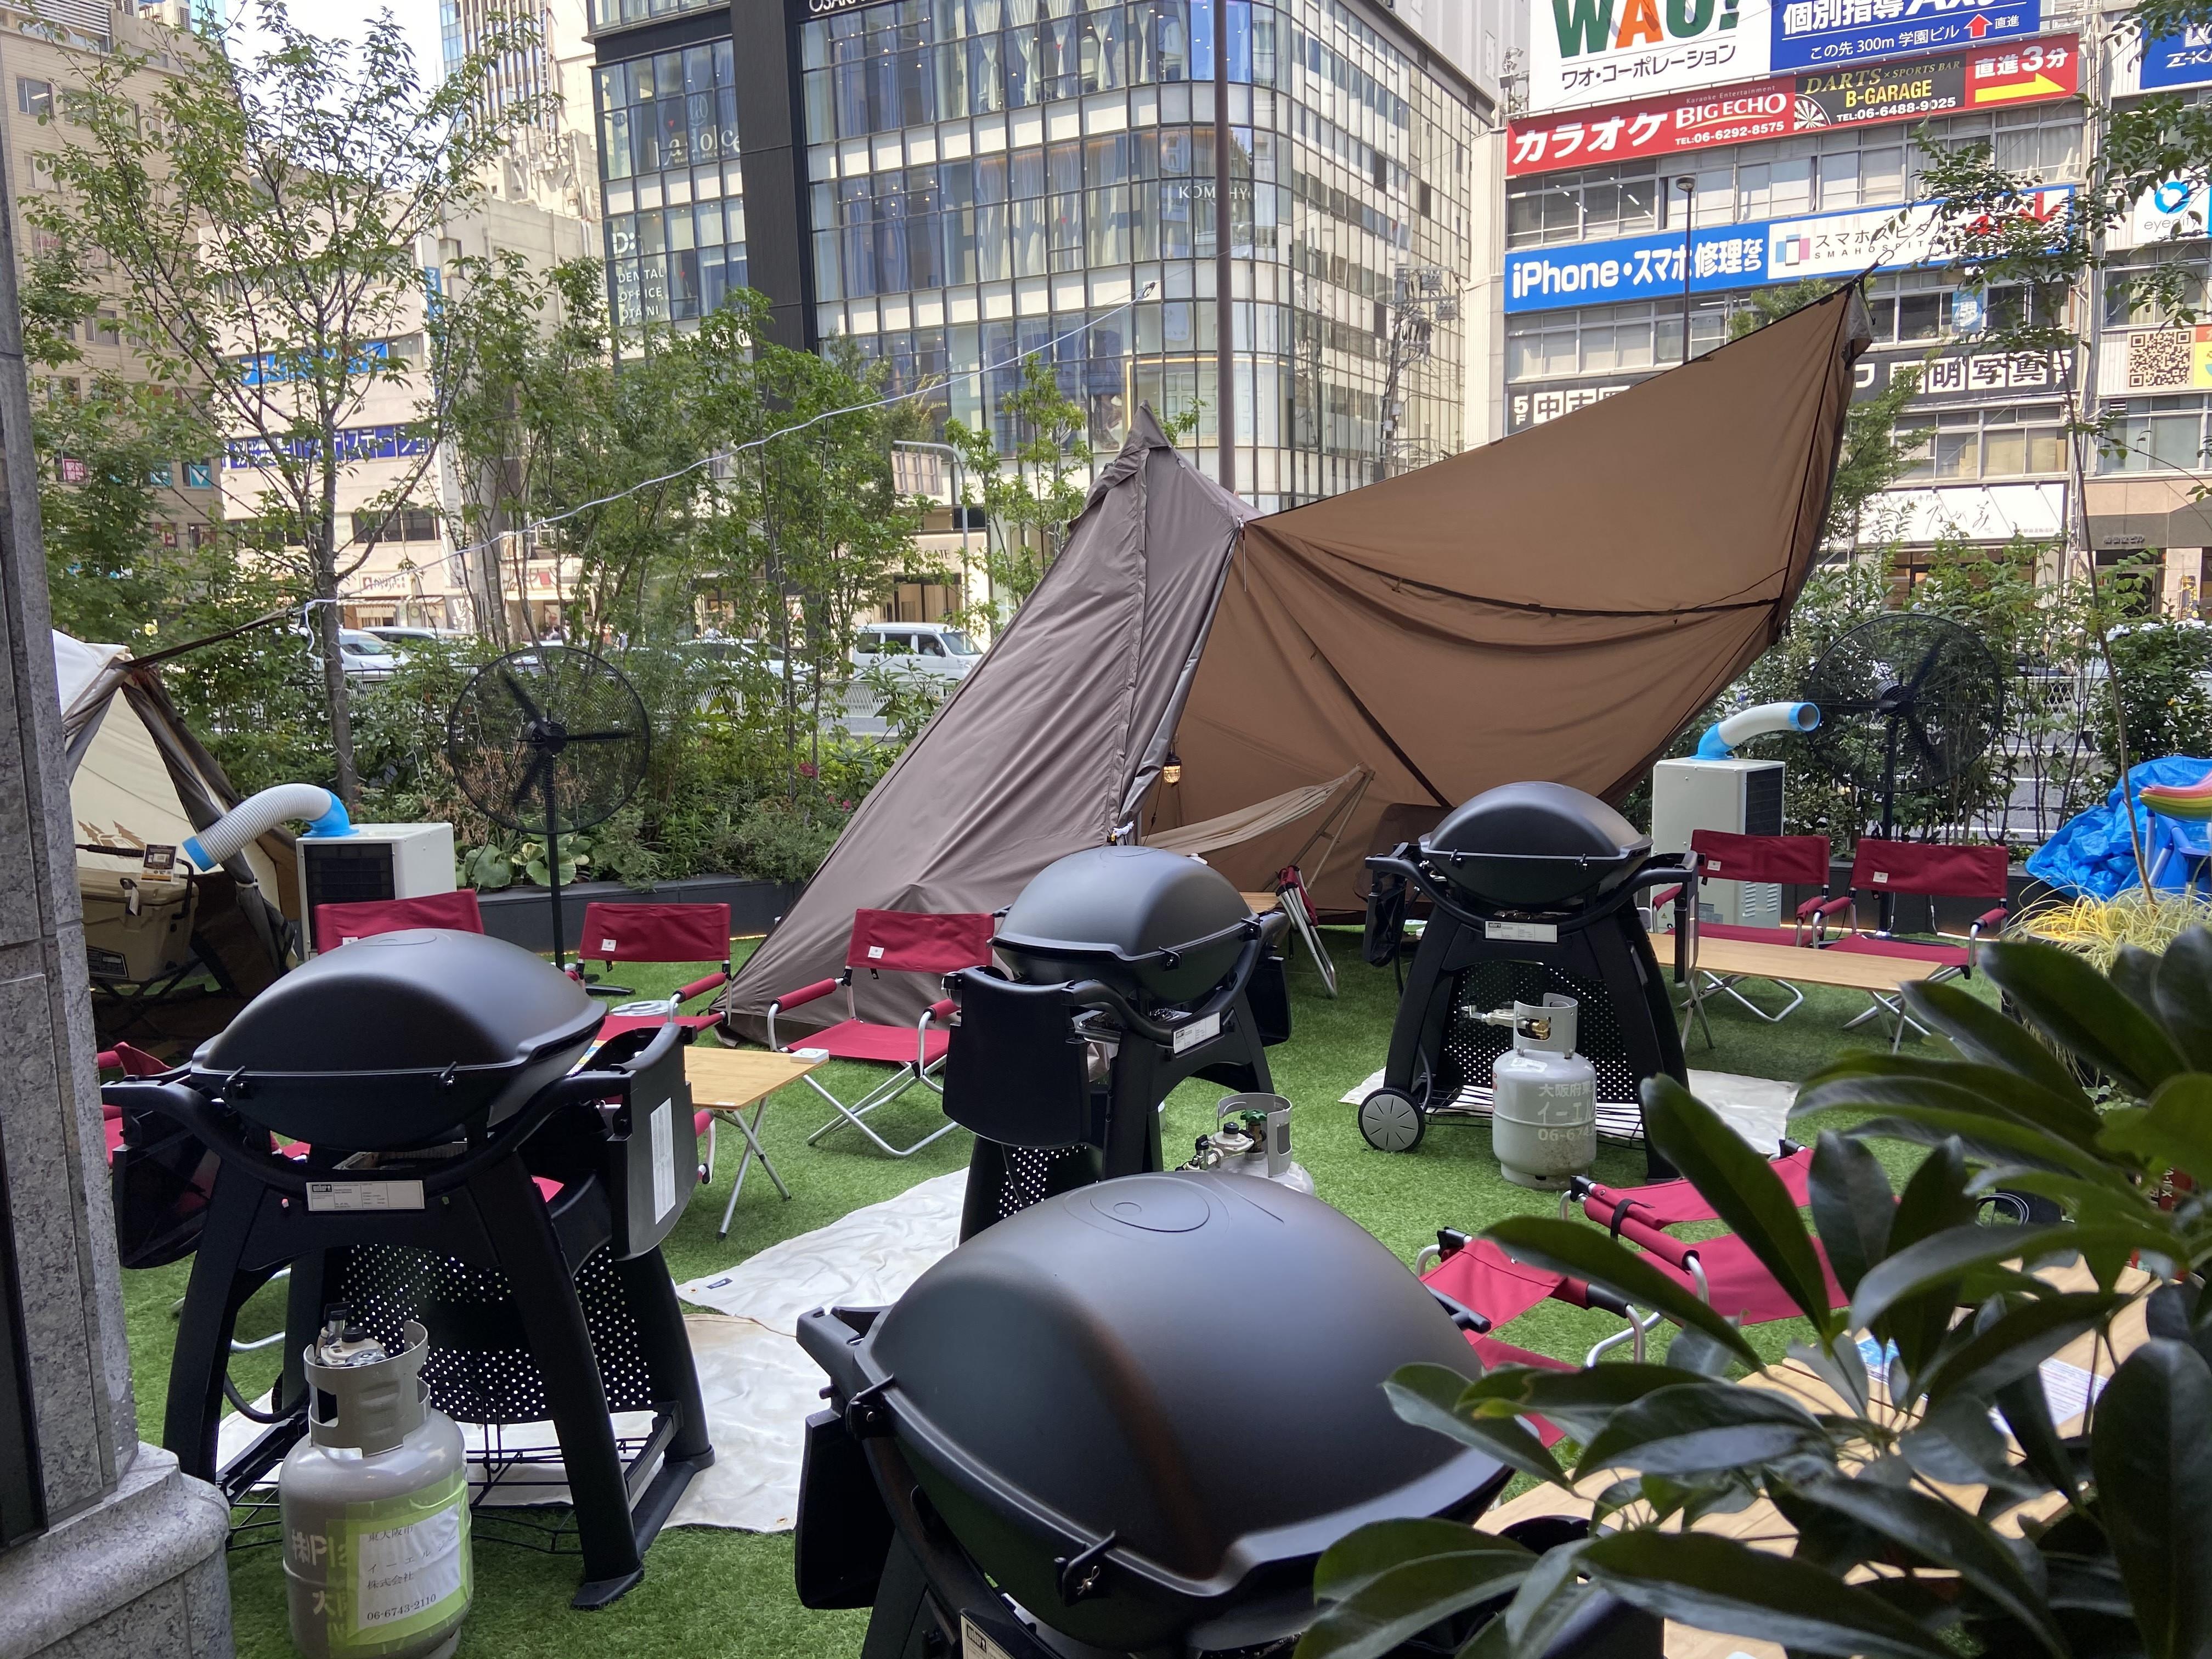 SUZUNE GLAMPING BBQ & BEER GARDEN at LINKS UMEDA